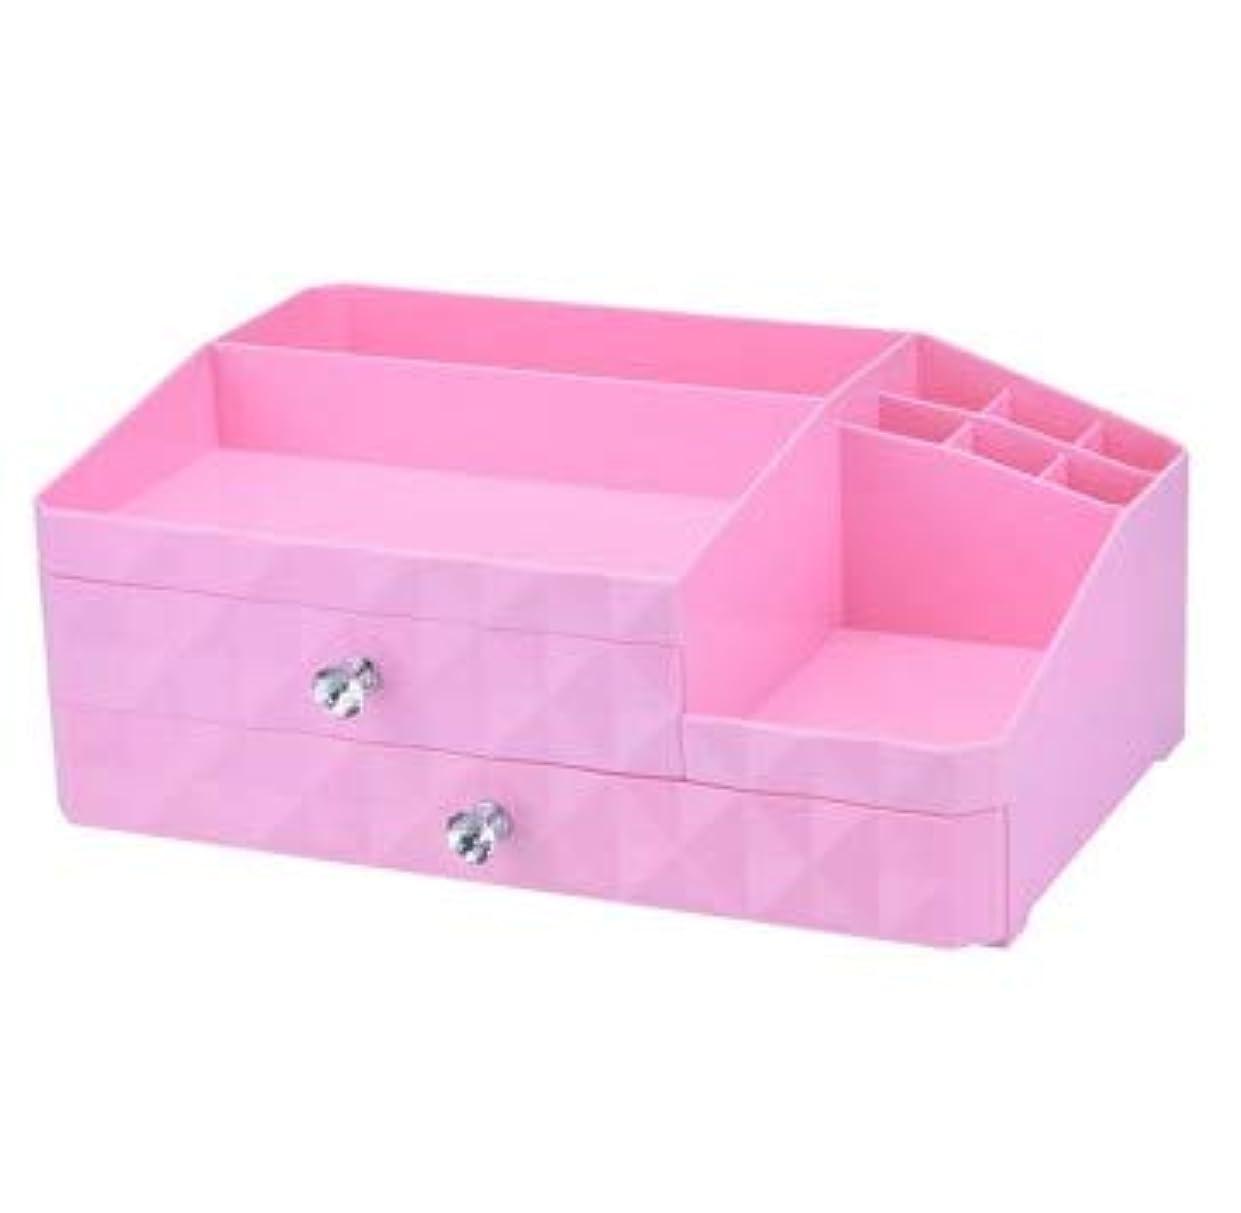 巨人実際下デスクトップジュエリーボックス引き出し化粧品収納ボックス三層プラスチック仕上げボックス (Color : ピンク)